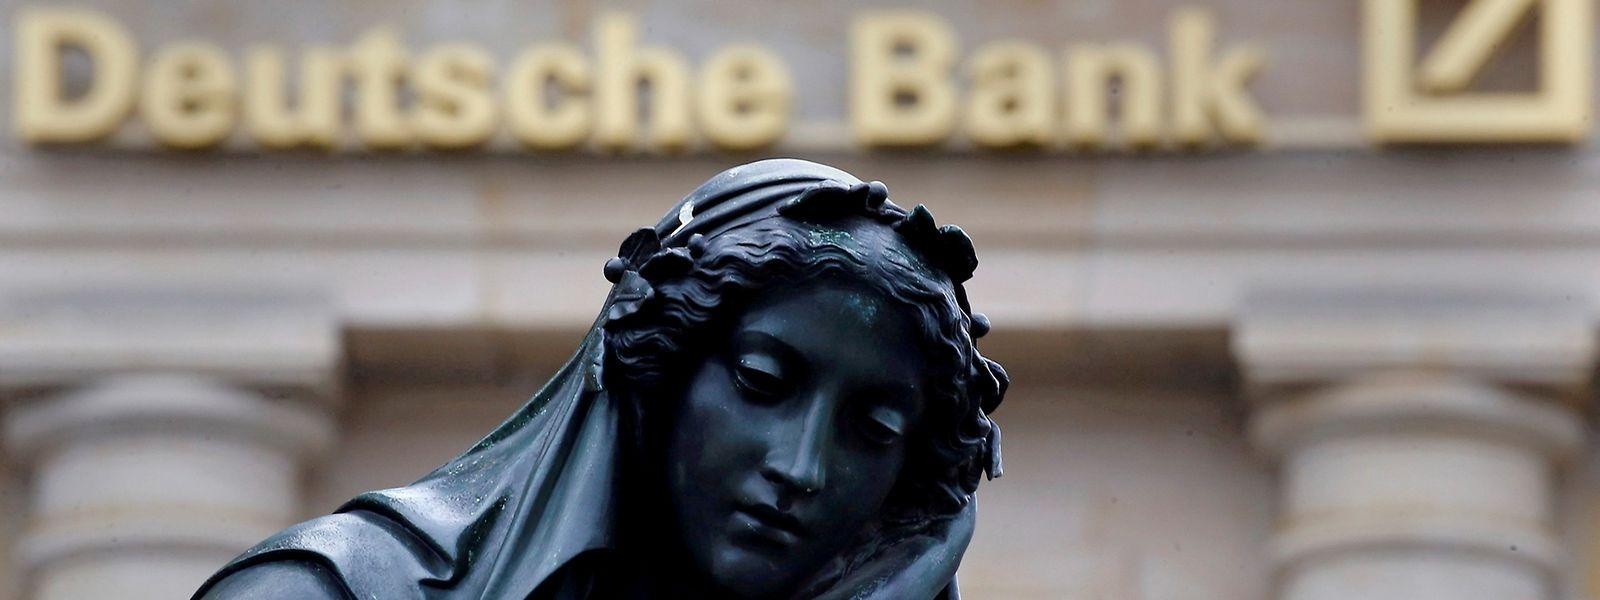 Wie wird es weitergehen? Die Deutsche Bank befindet sich seit Wochen in der Krise.